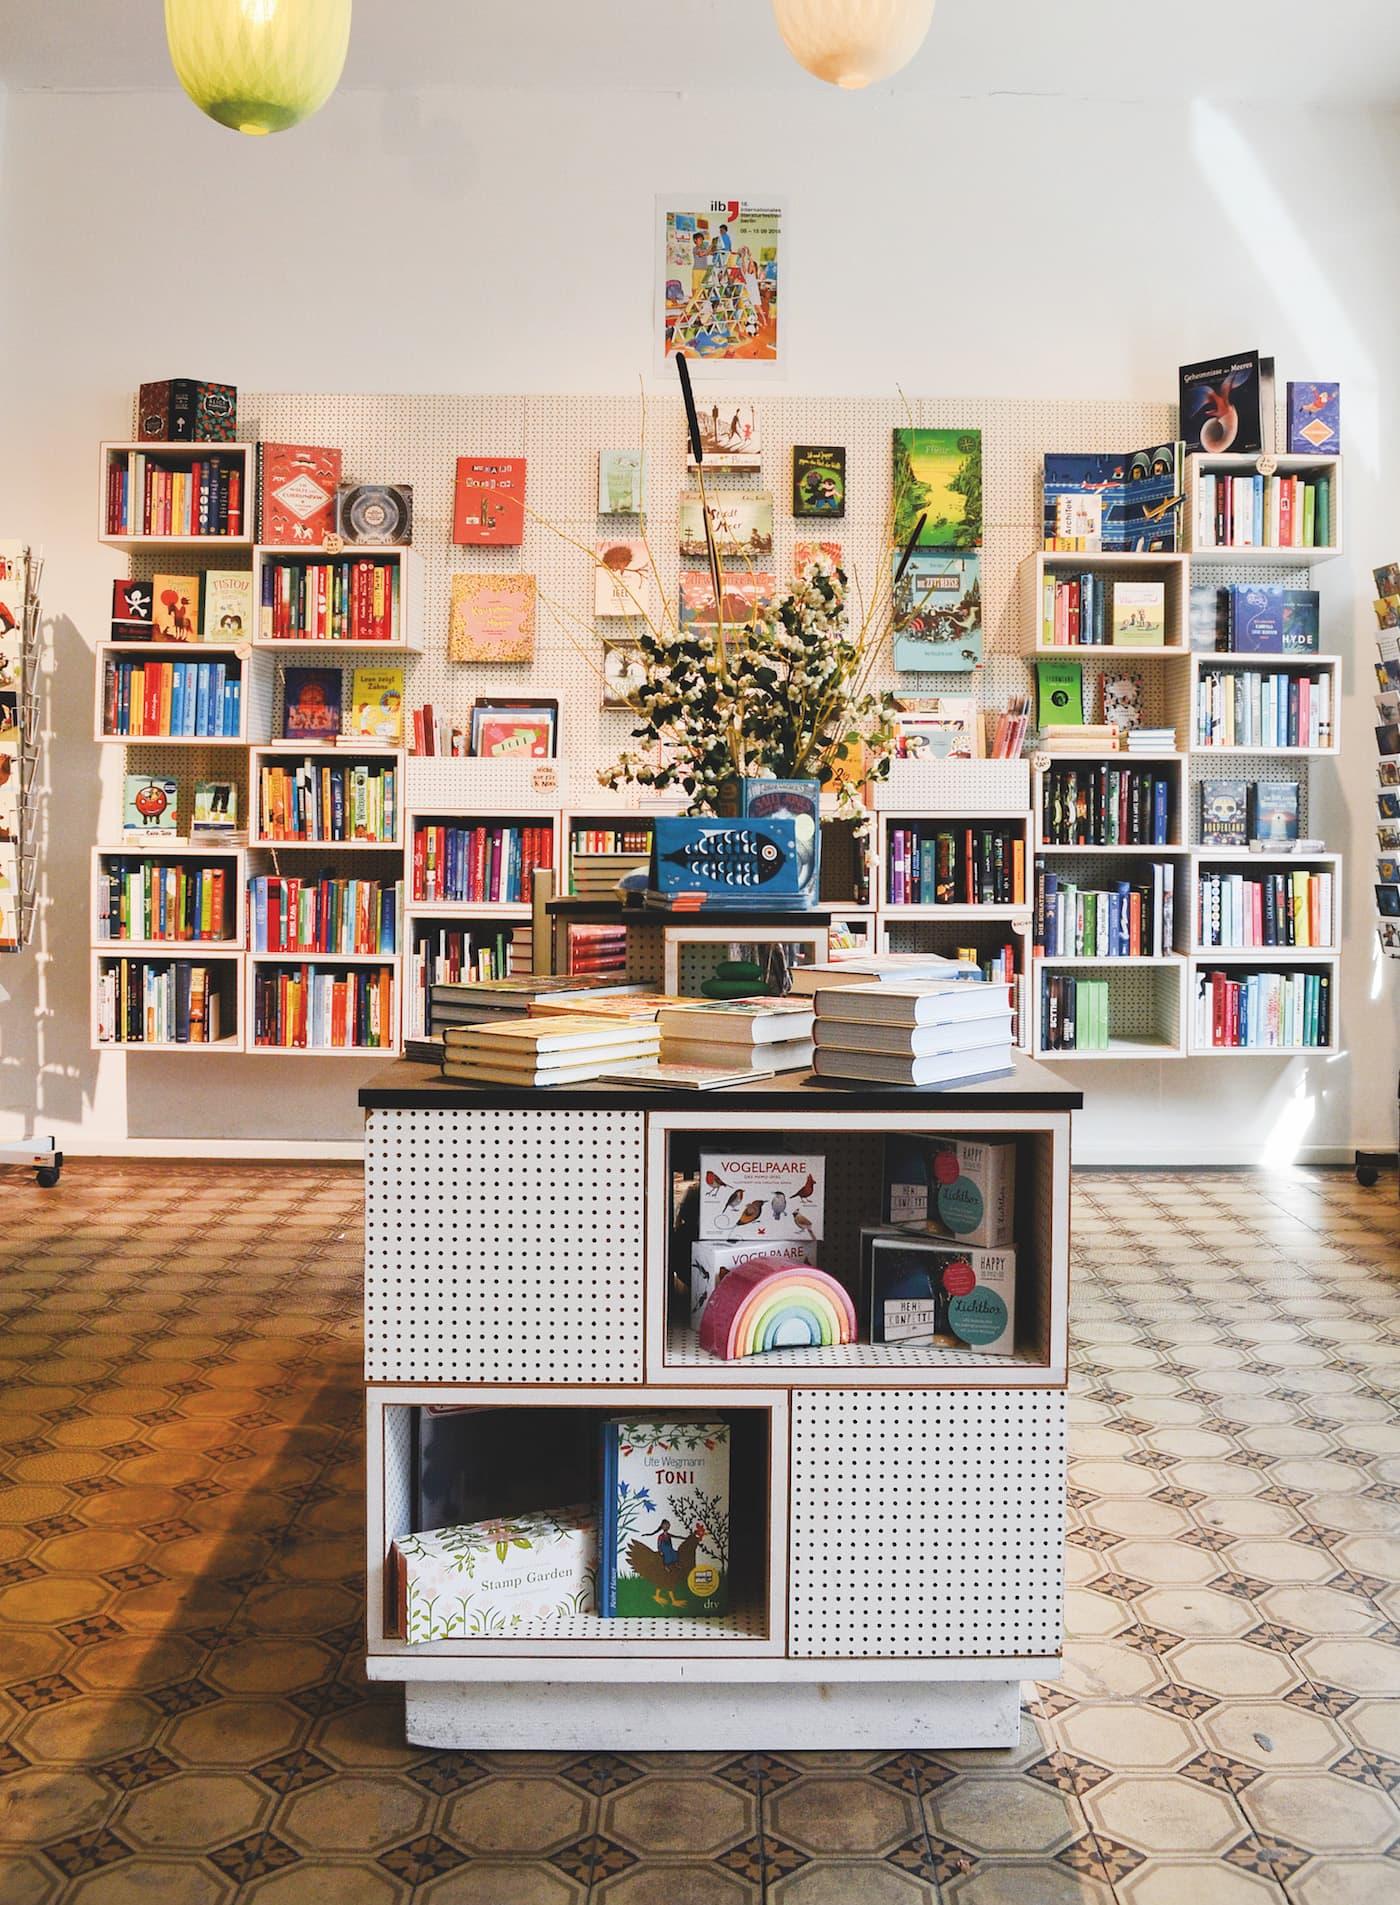 Krumulus Kinderbuchladen und Druckwerkstatt für Kinder in Kreuzberg // HIMBEER